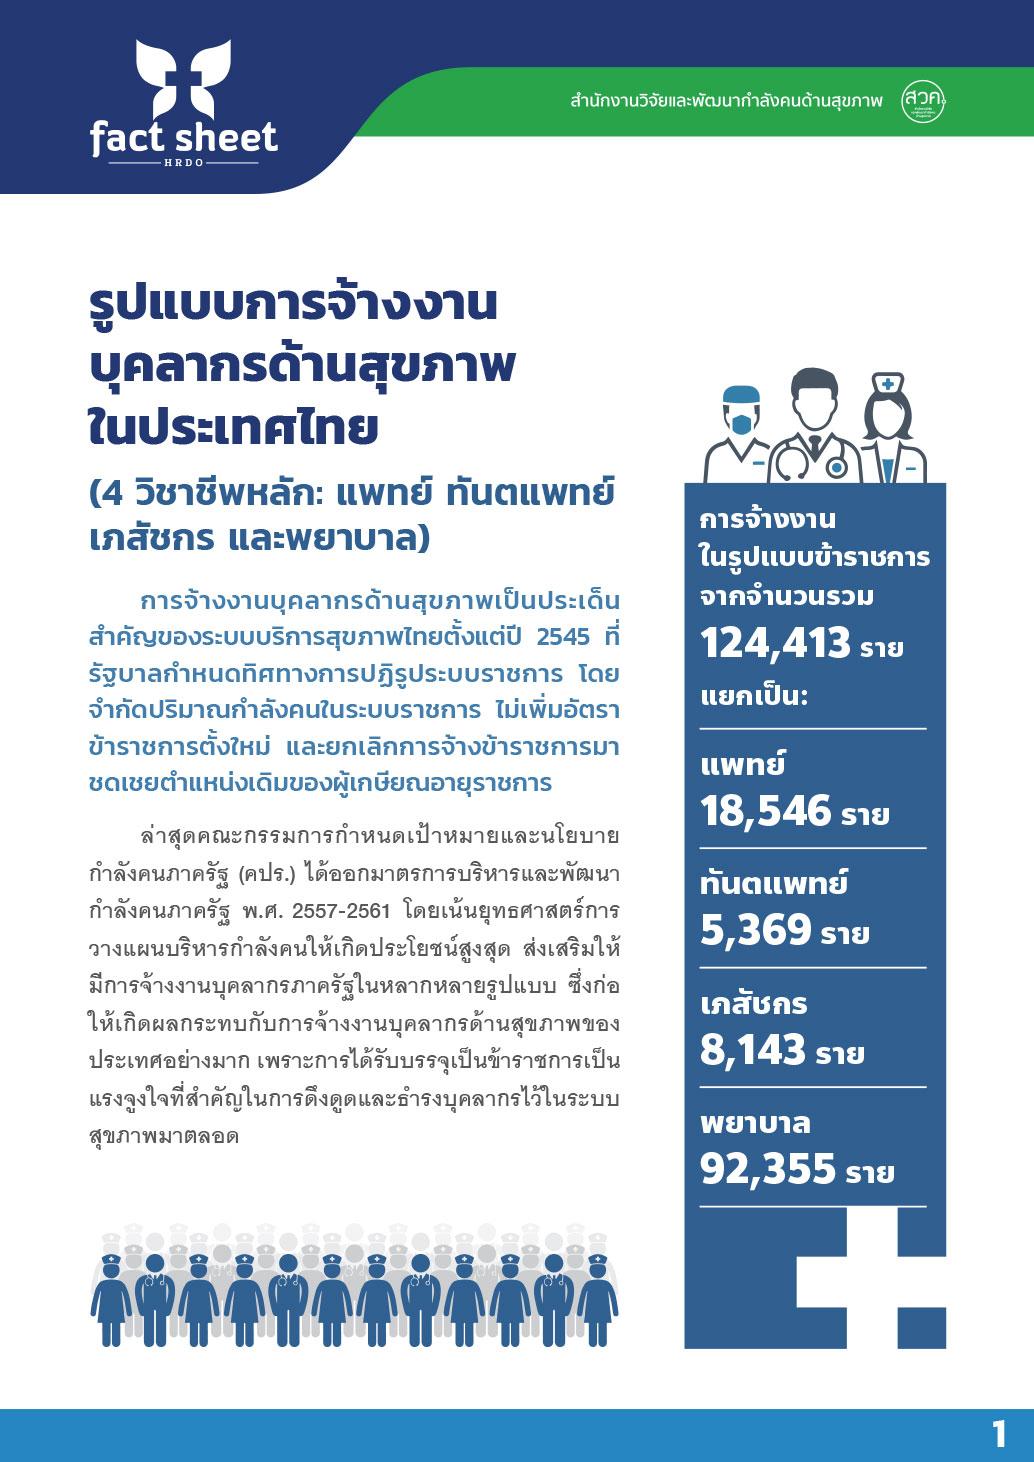 รูปแบบการจ้างงานบุคลากรด้านสุขภาพในประเทศไทย